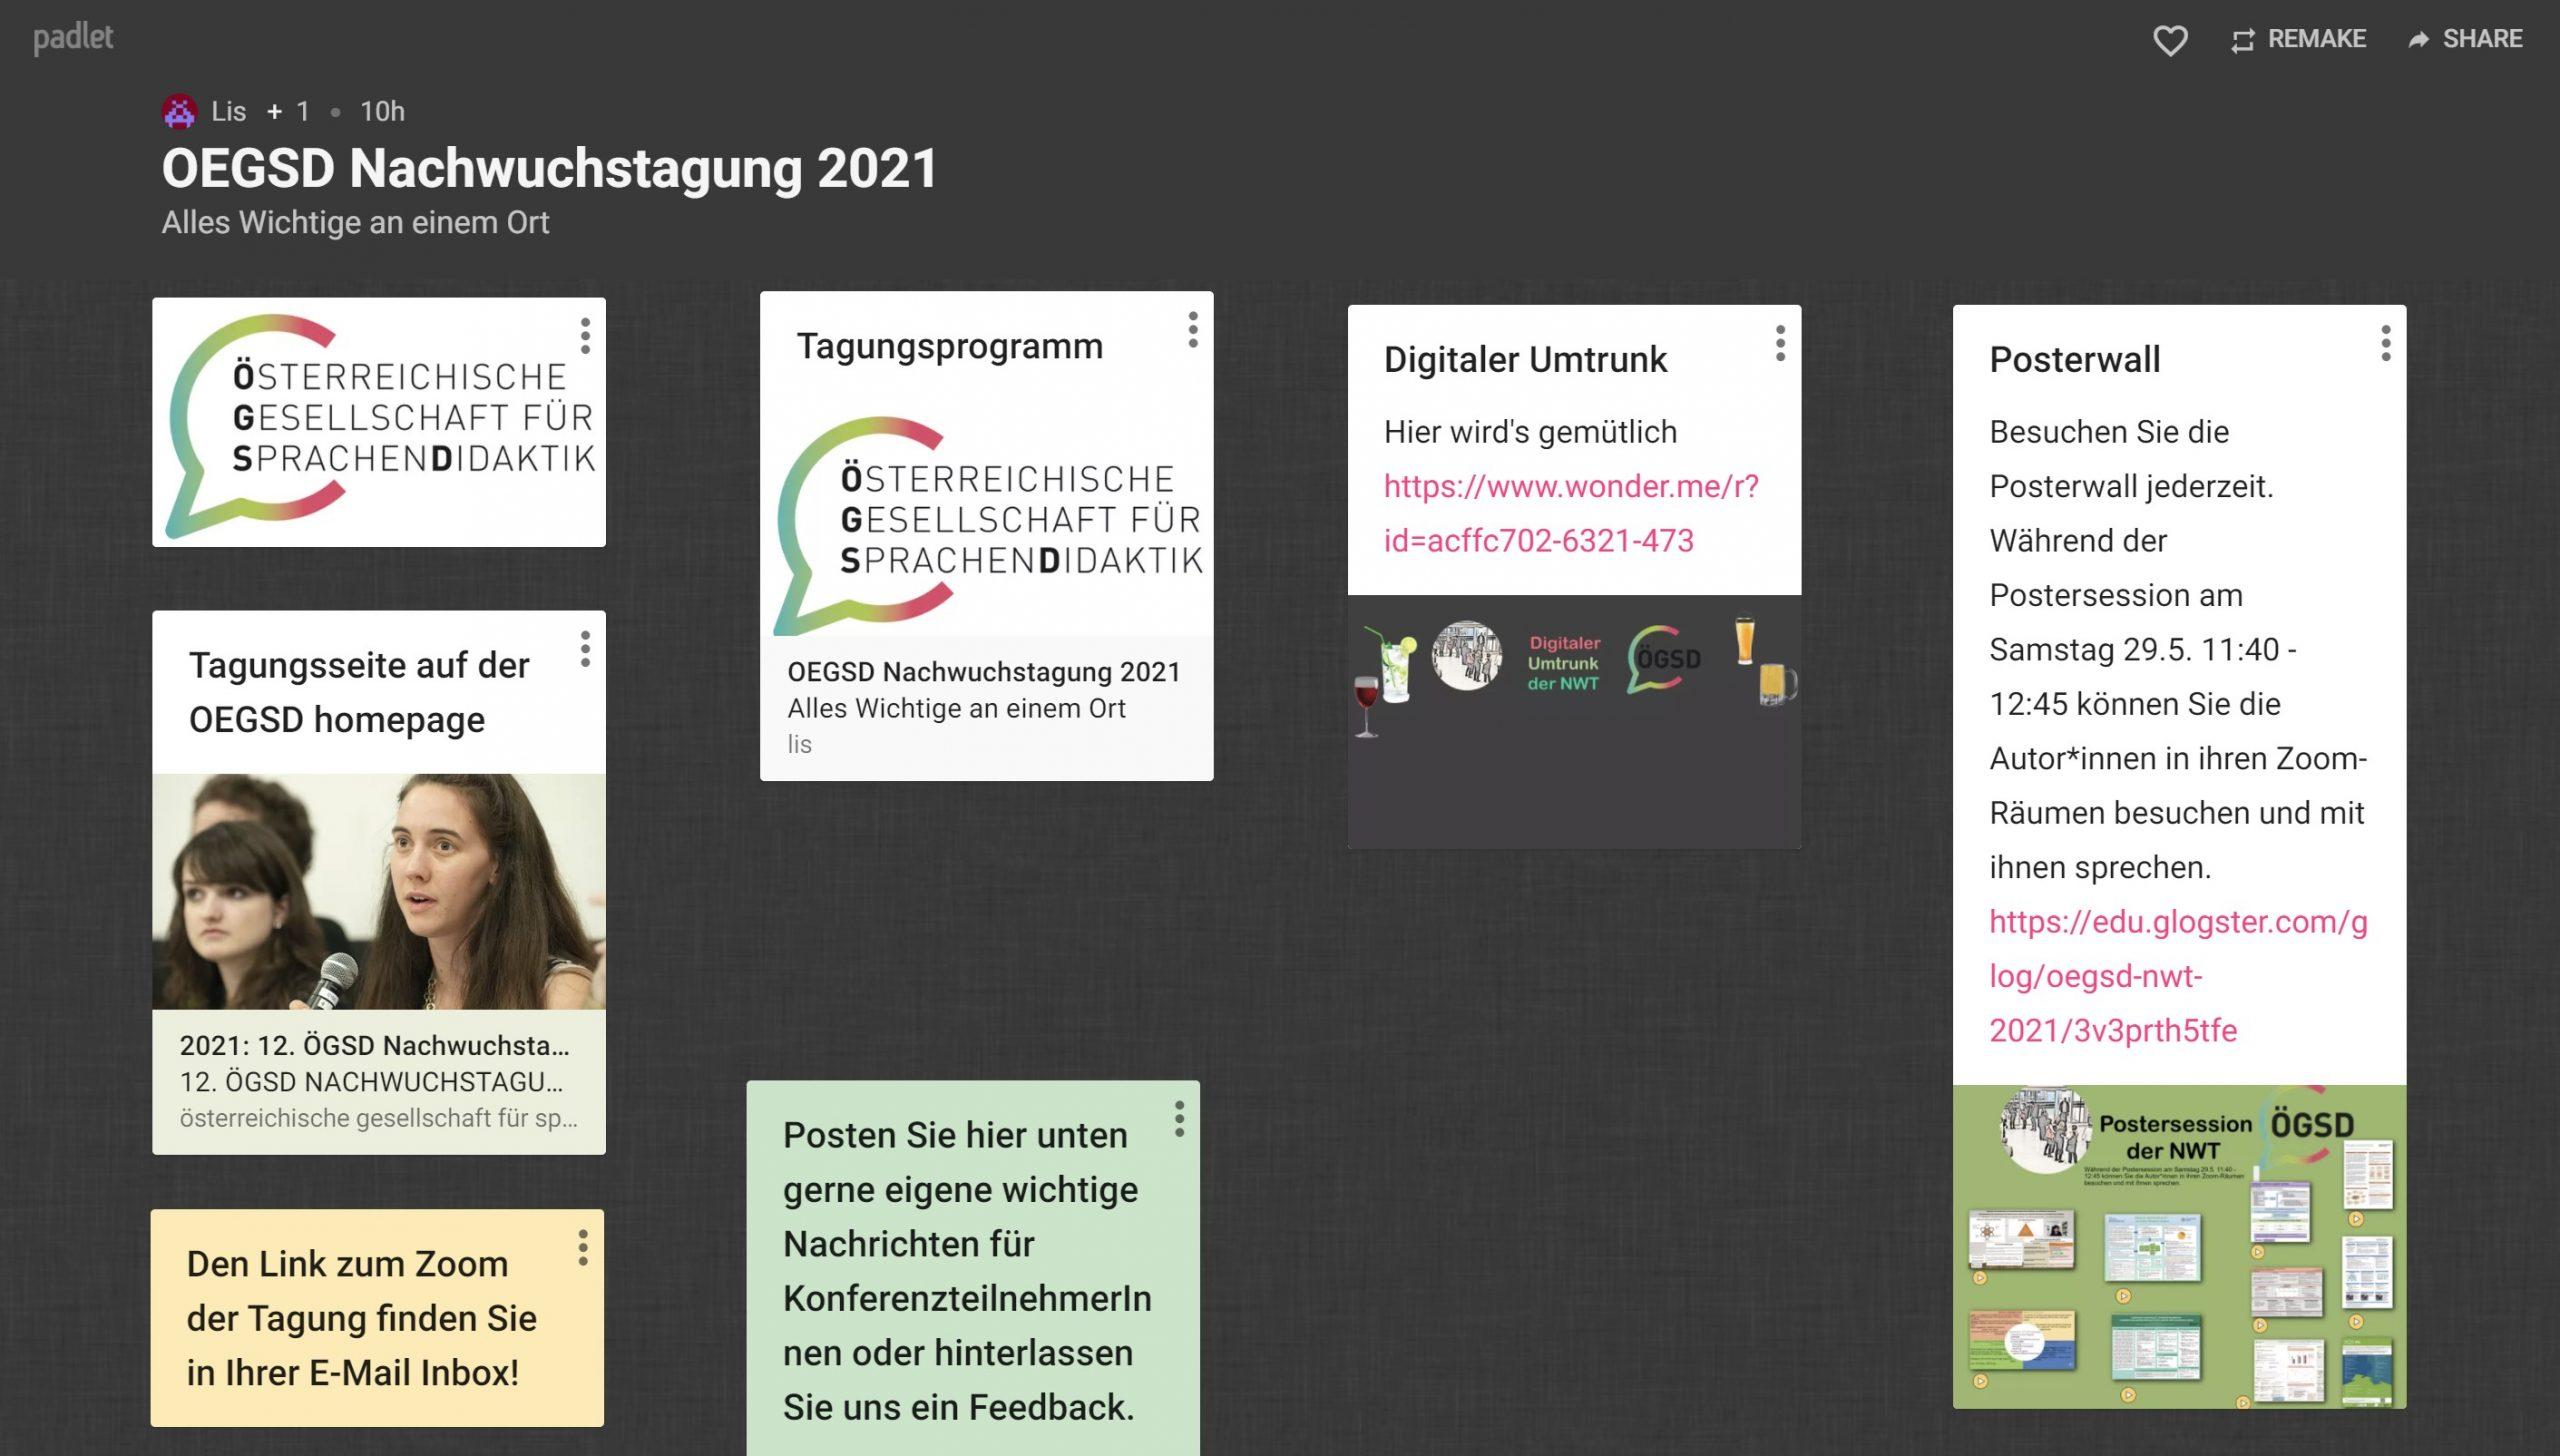 Geschützt: 2021: Nachlese zur Nachwuchstagung 2021